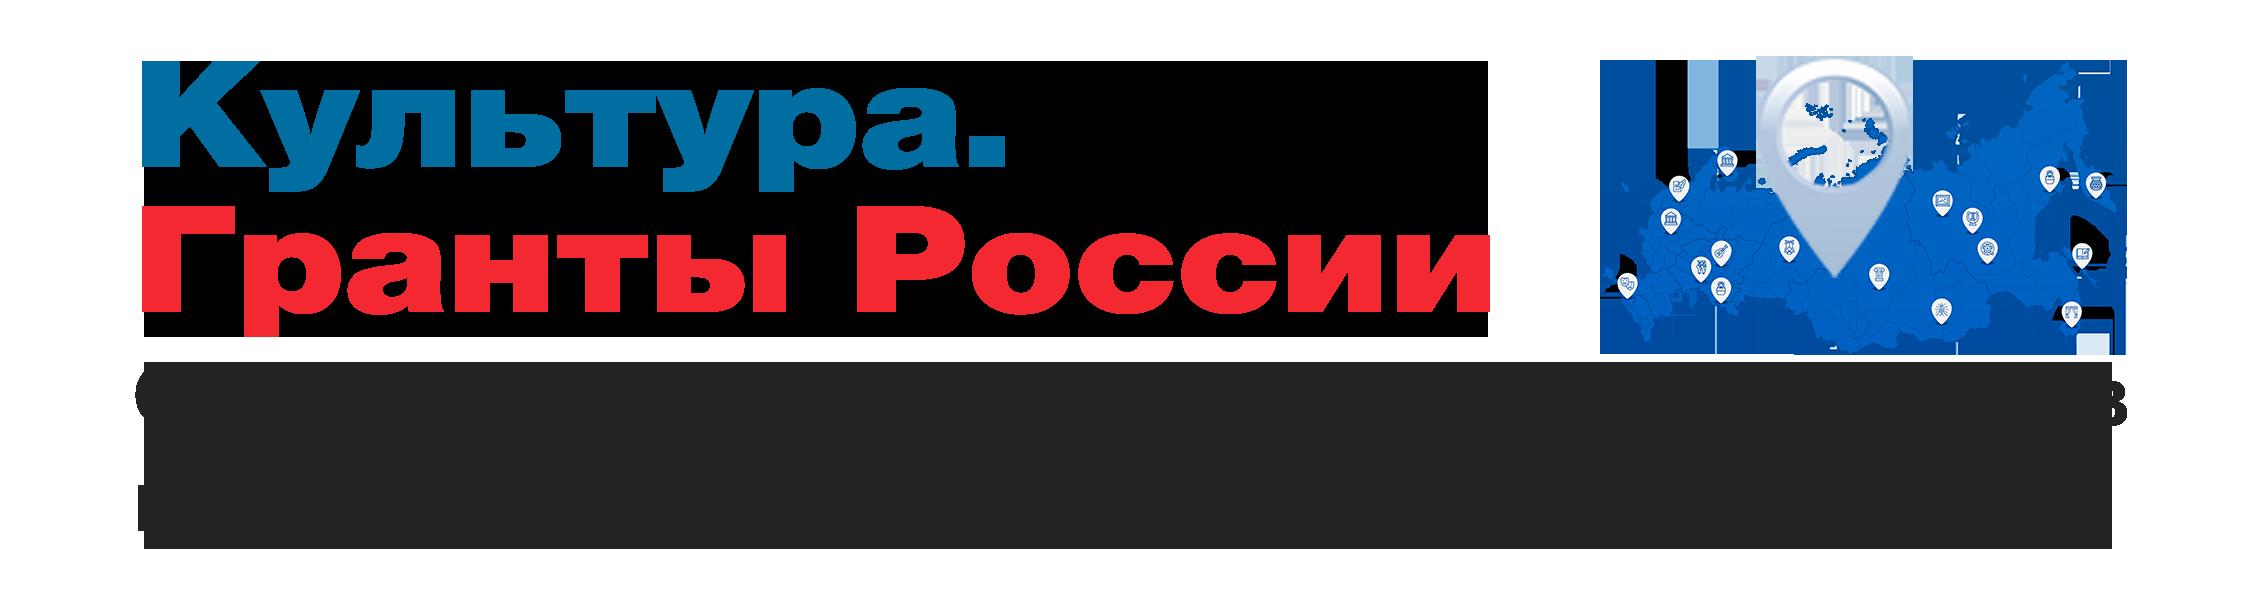 портал «Культура. Гранты России»